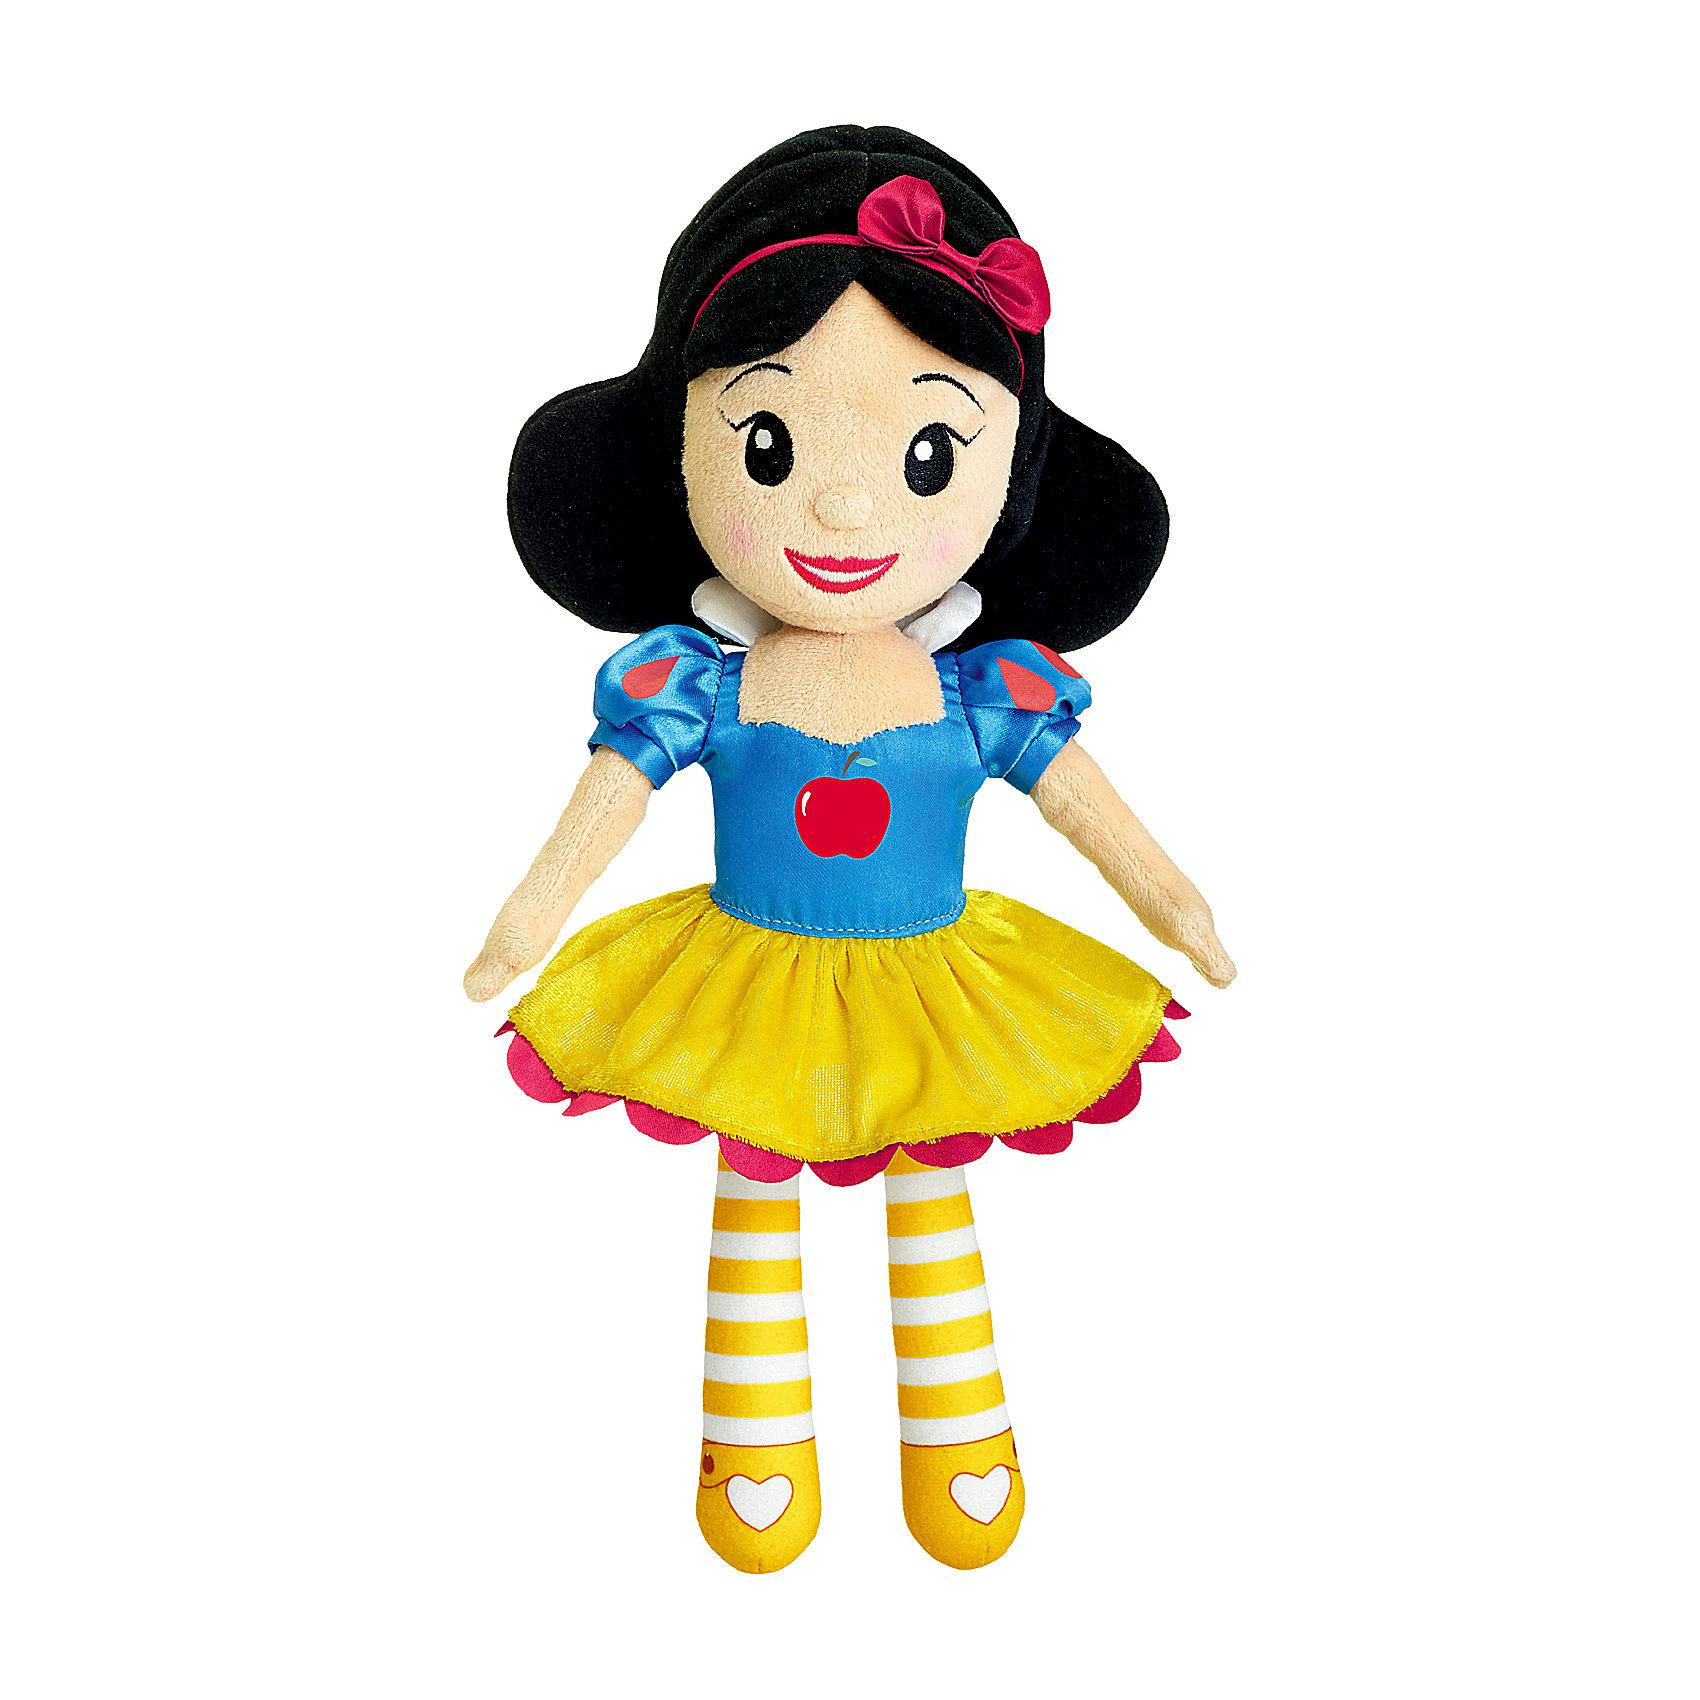 Мягкая игрушка с мелодией Белоснежка, Disney, CHICCOМягкая игрушка с мелодией Белоснежка, Disney, CHICCO (ЧИКО) – эта музыкальная кукла перенесет девочку в магический мир Принцесс Disney.<br>Кукла «Белоснежка» сделана из мягкой ткани и прекрасно подойдет для малышек с 18 месяцев. Наряд принцессы точно повторяет платье героини мультфильма, а аккуратно уложенную прическу украшает яркий ободок с бантом. Если нажать на животик Белоснежки, то вы услышите приятные мелодии, которые напомнят чудесную историю этой принцессы из всеми любимого анимационного фильма. Мягкая привлекательная кукла станет любимой игрушкой вашей маленькой принцессы!<br><br>Дополнительная информация:<br><br>- Размер куклы: 35 см.<br>- Материал: текстиль, наполнитель<br>- Батарейки: 3 х LR44 1,5 В (включены в комплект)<br>- Размер упаковки: 39 х 15 х 10 см.<br>- Уход: допускается машинная стирка игрушки при 30 градусах, предварительно вынув электронный модуль<br><br>Мягкую игрушку с мелодией Белоснежка, Disney, CHICCO (ЧИКО) можно купить в нашем интернет-магазине.<br><br>Ширина мм: 150<br>Глубина мм: 102<br>Высота мм: 398<br>Вес г: 425<br>Возраст от месяцев: 18<br>Возраст до месяцев: 36<br>Пол: Женский<br>Возраст: Детский<br>SKU: 4162845